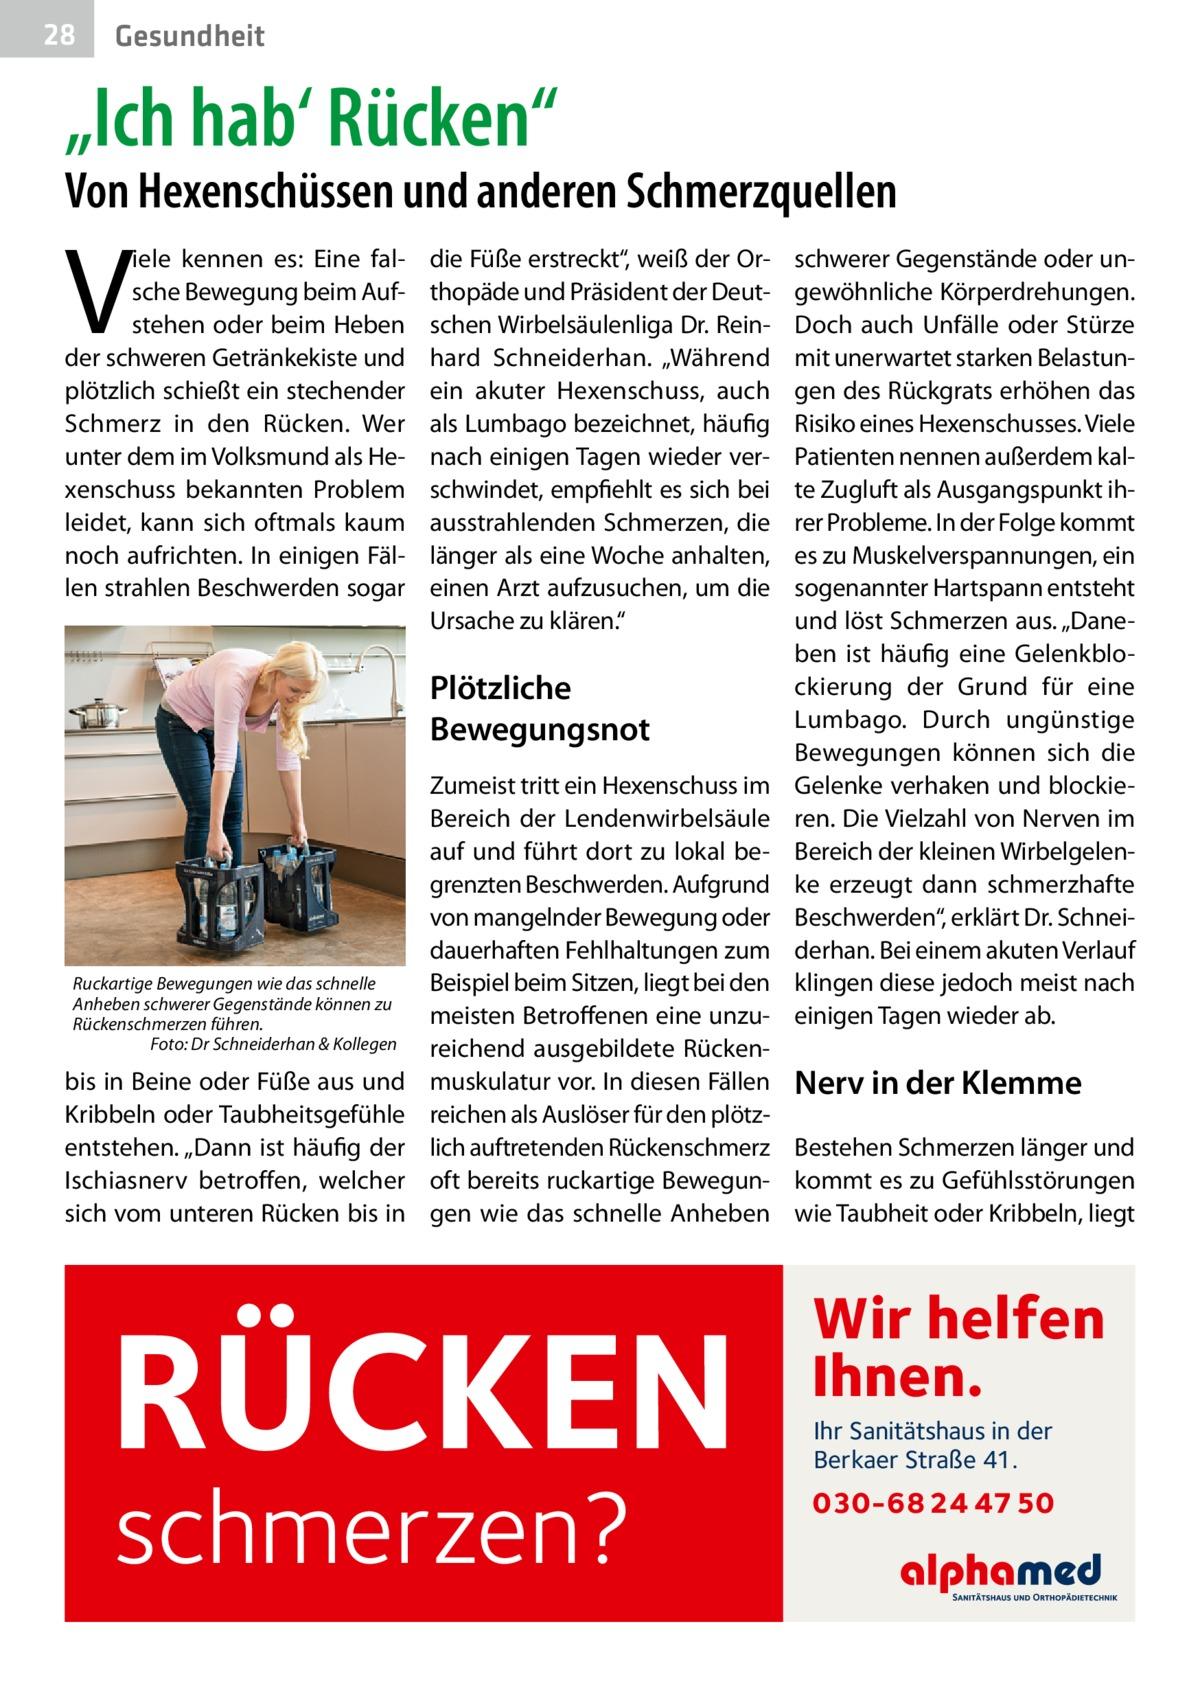 """28  Gesundheit  """"Ich hab' Rücken""""  Von Hexenschüssen und anderen Schmerzquellen  V  iele kennen es: Eine falsche Bewegung beim Aufstehen oder beim Heben der schweren Getränkekiste und plötzlich schießt ein stechender Schmerz in den Rücken. Wer unter dem im Volksmund als Hexenschuss bekannten Problem leidet, kann sich oftmals kaum noch aufrichten. In einigen Fällen strahlen Beschwerden sogar  die Füße erstreckt"""", weiß der Orthopäde und Präsident der Deutschen Wirbelsäulenliga Dr.Reinhard Schneiderhan. """"Während ein akuter Hexenschuss, auch als Lumbago bezeichnet, häufig nach einigen Tagen wieder verschwindet, empfiehlt es sich bei ausstrahlenden Schmerzen, die länger als eine Woche anhalten, einen Arzt aufzusuchen, um die Ursache zu klären.""""  Plötzliche Bewegungsnot  Ruckartige Bewegungen wie das schnelle Anheben schwerer Gegenstände können zu Rückenschmerzen führen. � Foto: Dr Schneiderhan & Kollegen  bis in Beine oder Füße aus und Kribbeln oder Taubheitsgefühle entstehen. """"Dann ist häufig der Ischiasnerv betroffen, welcher sich vom unteren Rücken bis in  schwerer Gegenstände oder ungewöhnliche Körperdrehungen. Doch auch Unfälle oder Stürze mit unerwartet starken Belastungen des Rückgrats erhöhen das Risiko eines Hexenschusses. Viele Patienten nennen außerdem kalte Zugluft als Ausgangspunkt ihrer Probleme. In der Folge kommt es zu Muskelverspannungen, ein sogenannter Hartspann entsteht und löst Schmerzen aus. """"Daneben ist häufig eine Gelenkblockierung der Grund für eine Lumbago. Durch ungünstige Bewegungen können sich die Gelenke verhaken und blockieren. Die Vielzahl von Nerven im Bereich der kleinen Wirbelgelenke erzeugt dann schmerzhafte Beschwerden"""", erklärt Dr.Schneiderhan. Bei einem akuten Verlauf klingen diese jedoch meist nach einigen Tagen wieder ab.  Zumeist tritt ein Hexenschuss im Bereich der Lendenwirbelsäule auf und führt dort zu lokal begrenzten Beschwerden. Aufgrund von mangelnder Bewegung oder dauerhaften Fehlhaltungen zum Beispiel beim Sitzen, liegt """